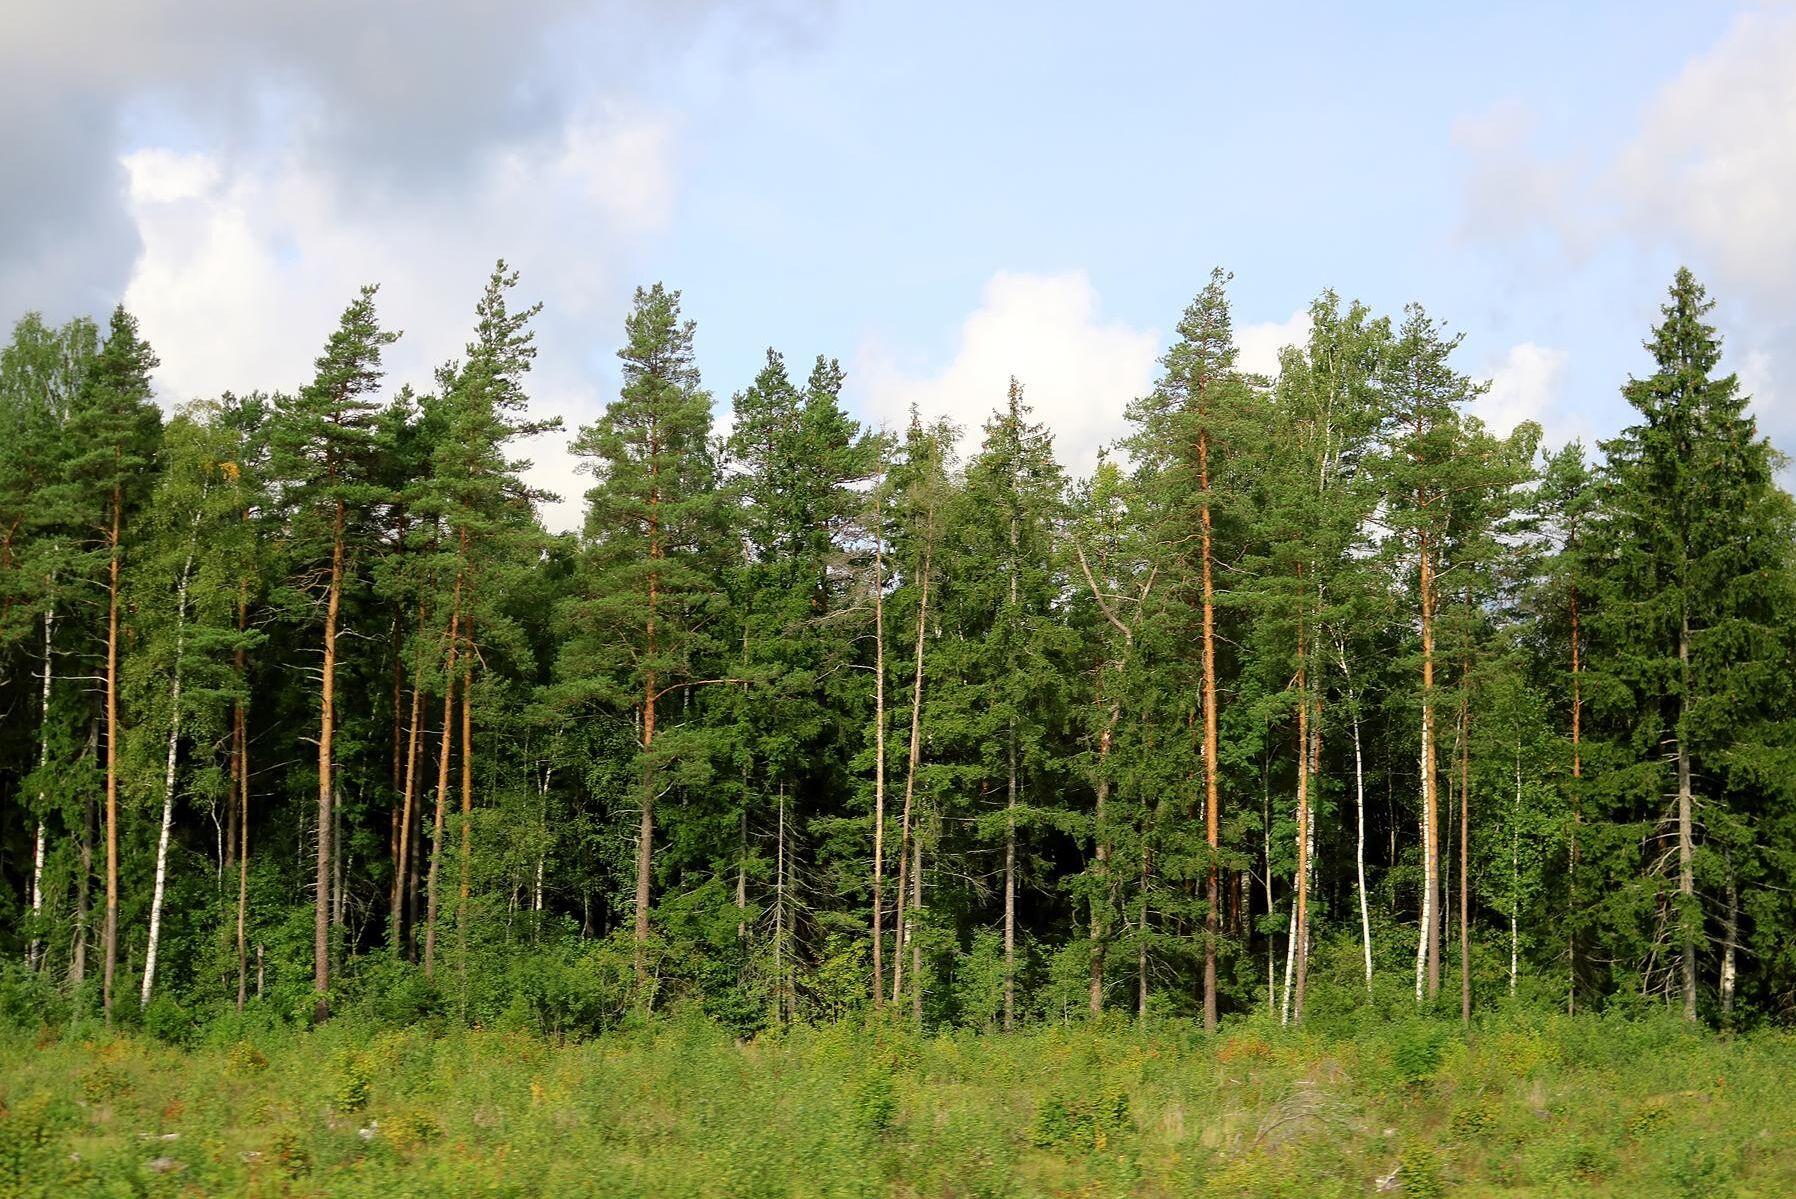 I en analys konstaterar Aktiespararna att priset på skog i Lettland är en femtedel jämfört med Götaland, trots att tillväxten är densamma. Dessutom är lönsamhetskvoten vid avverkning det dubbla jämfört med svensk skog. (Arkivbild)